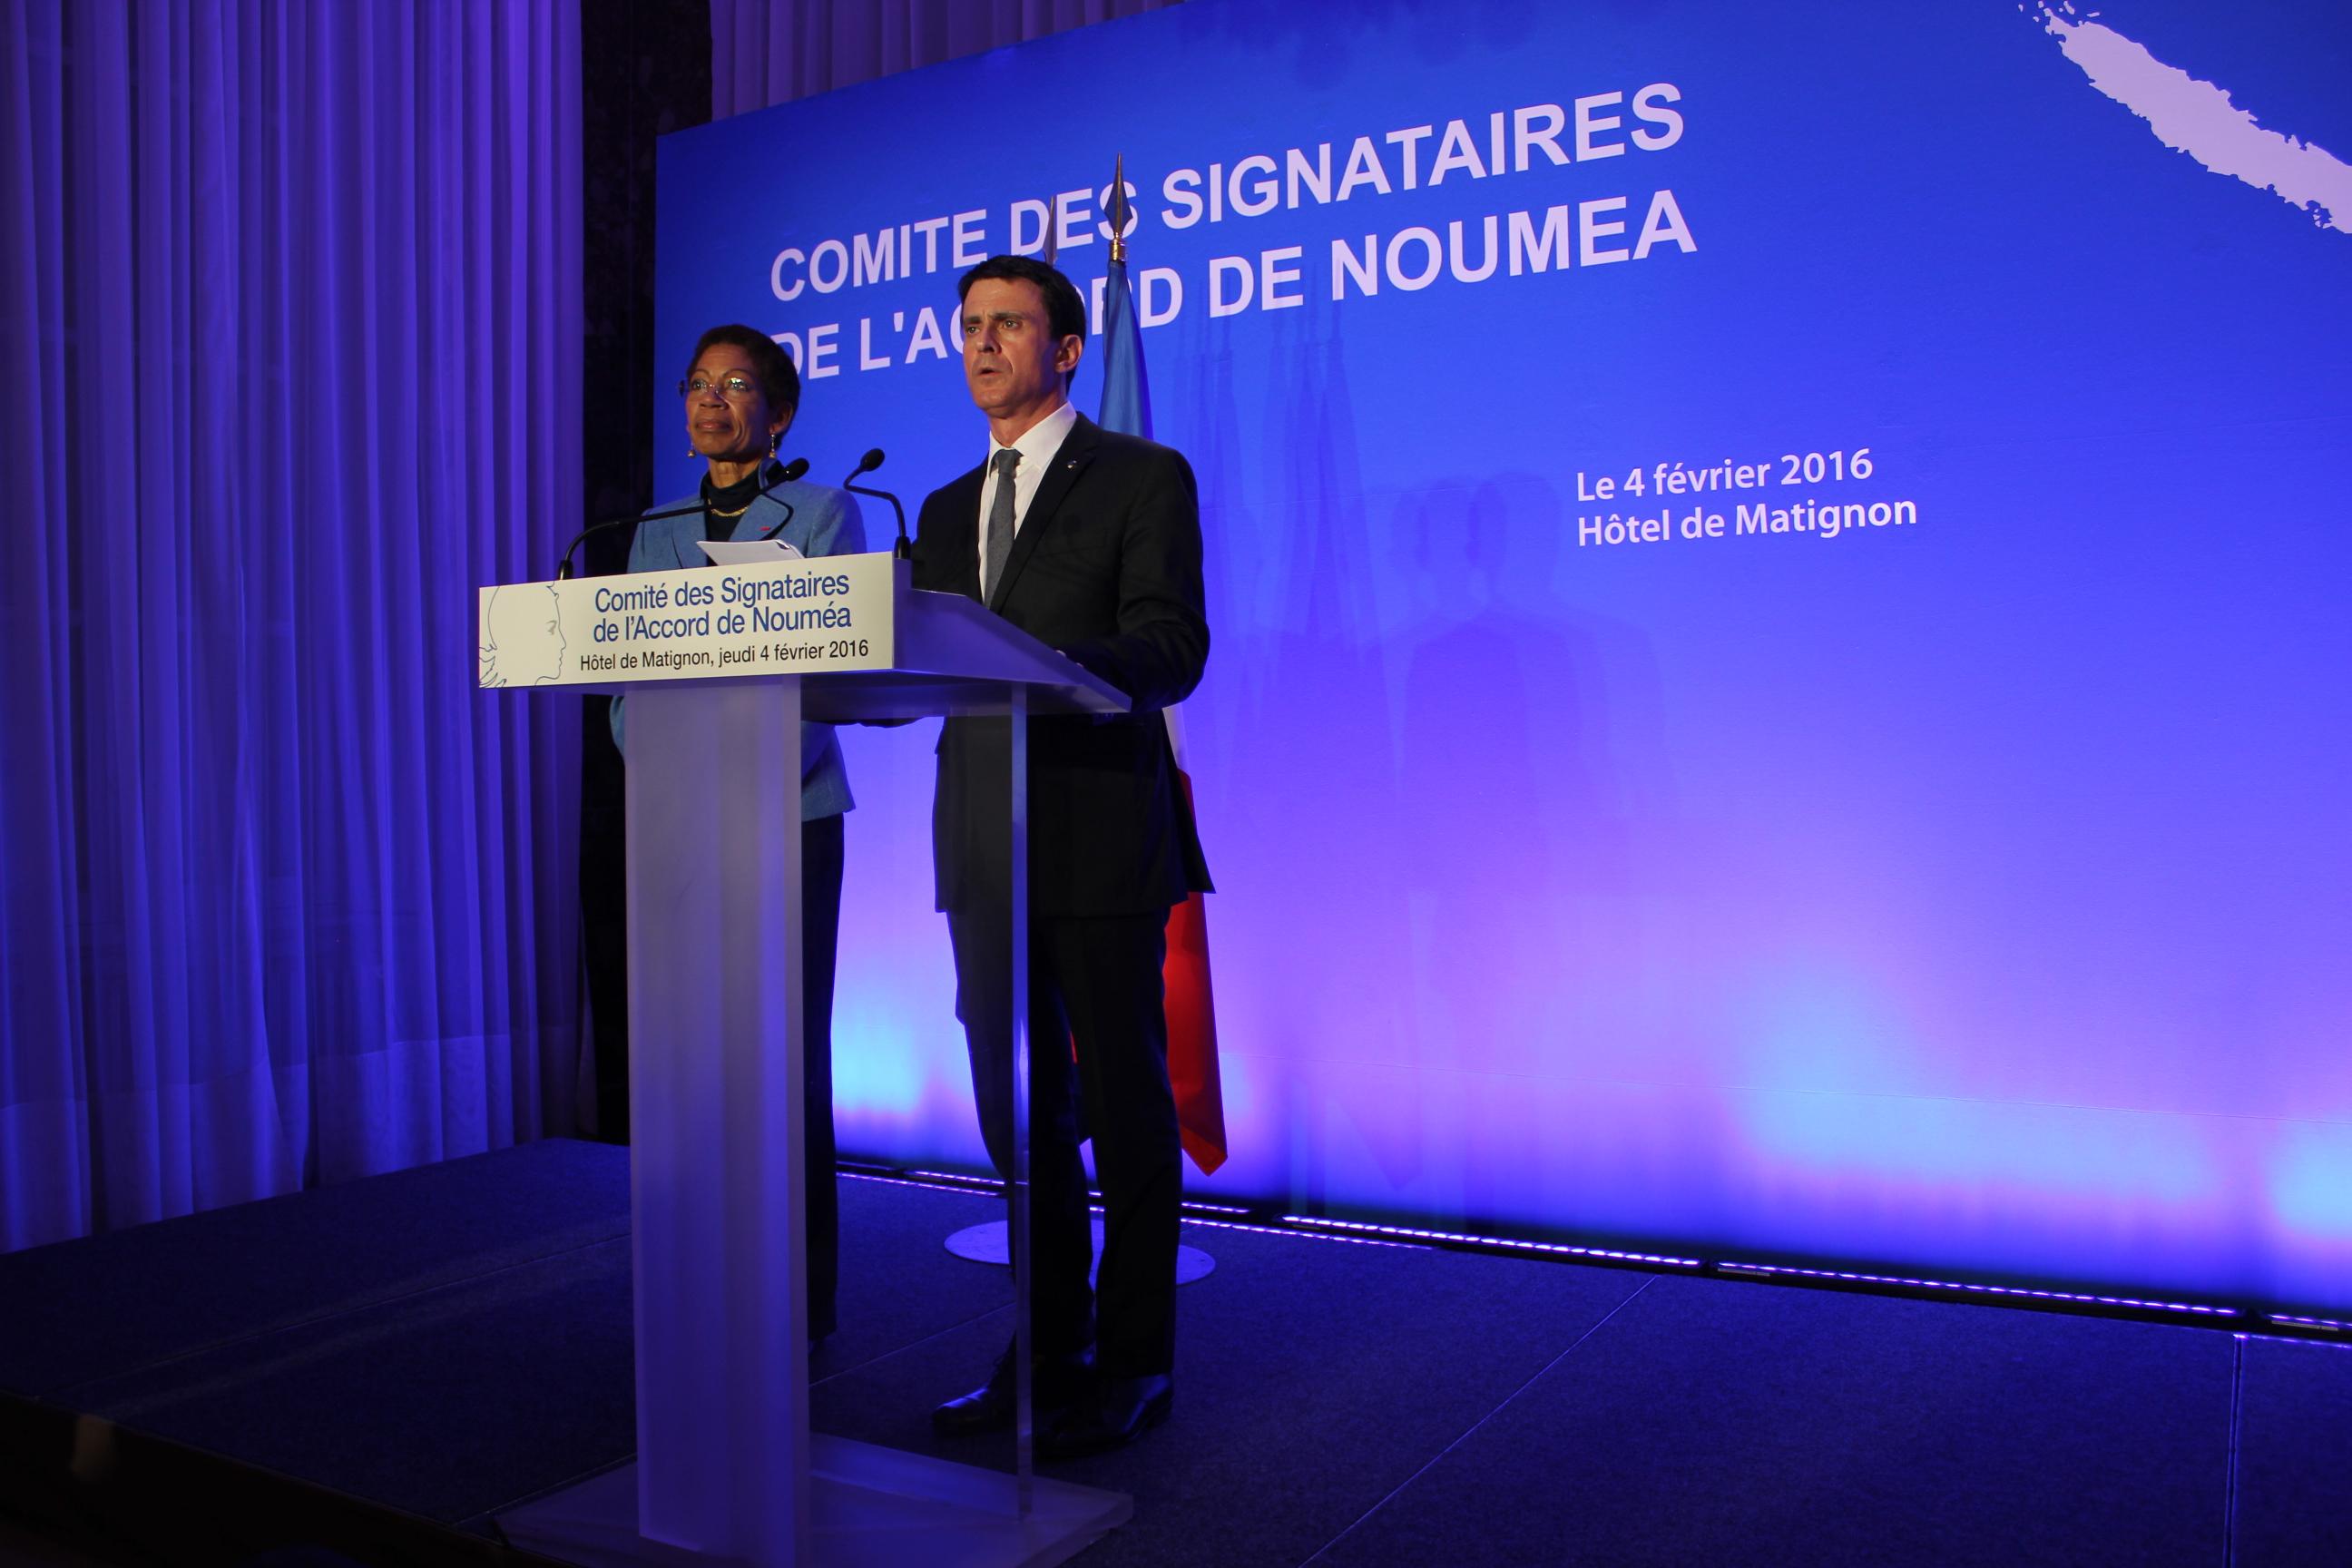 Manuel Valls et George Pau-Langevin, lors du dernier Comité des signataires des Accords de Nouméa ©Tenahe F.